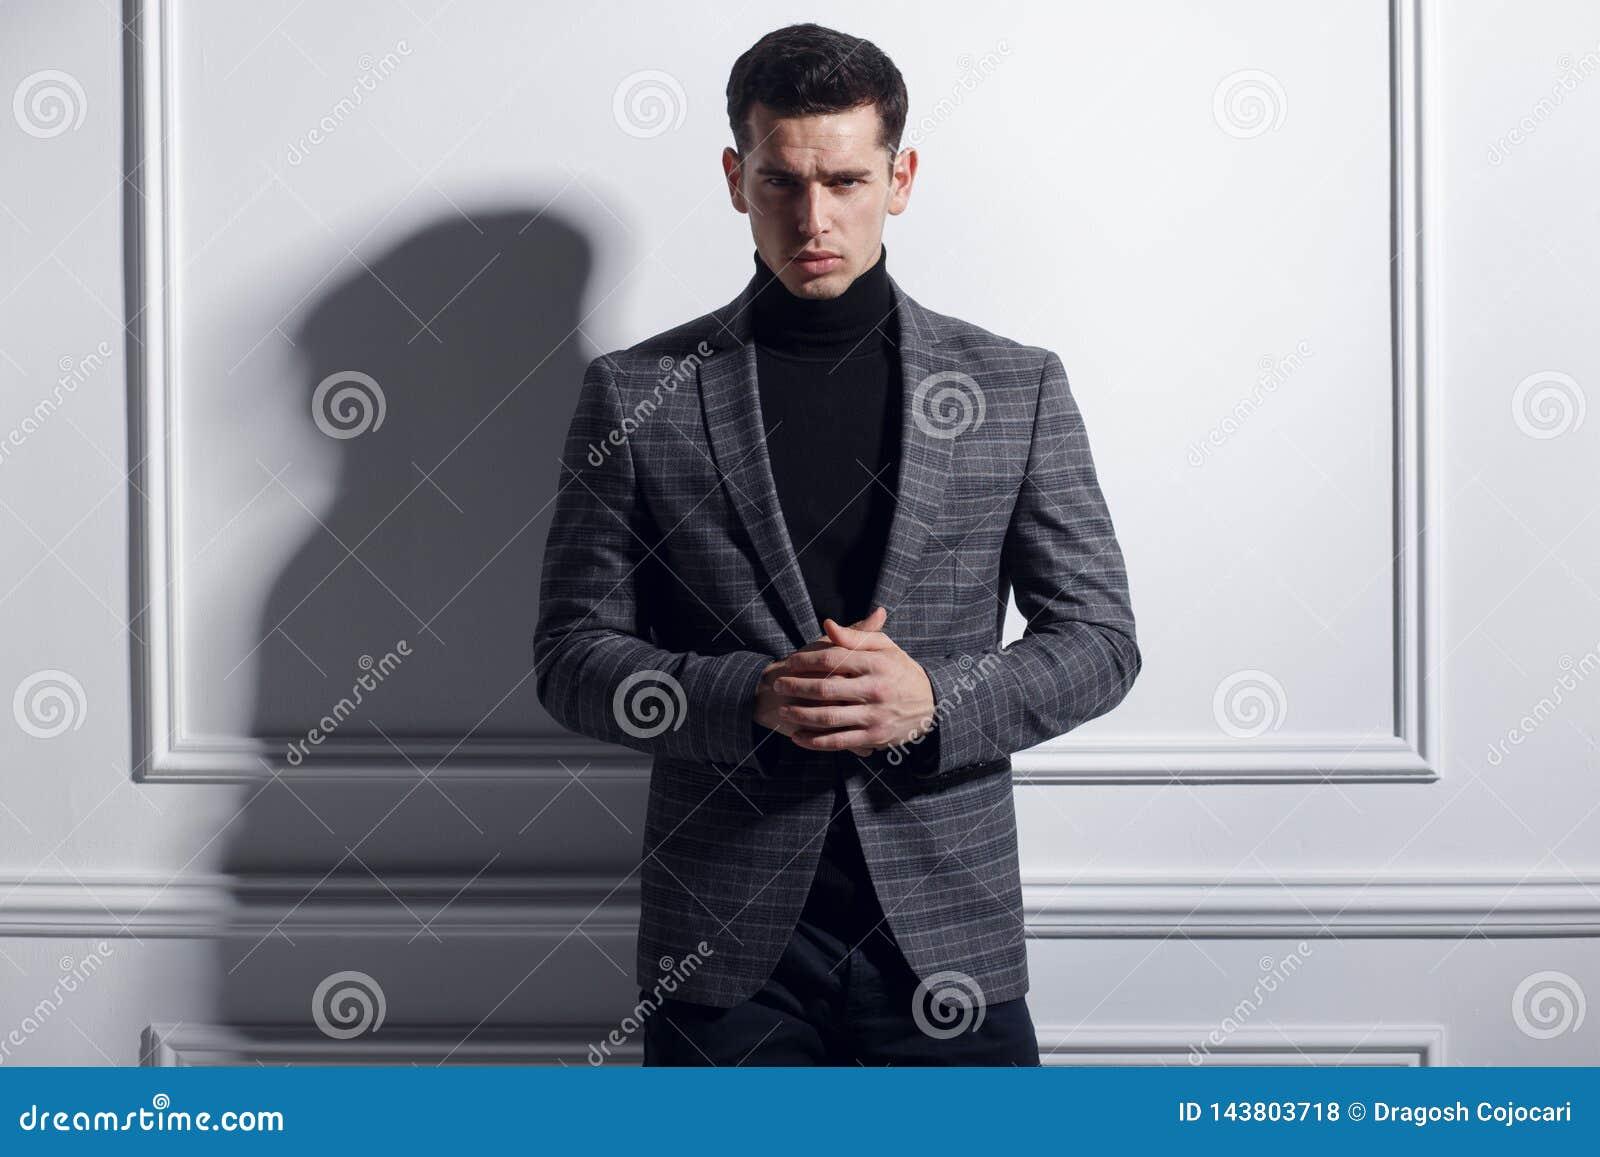 Frontal stående av stiligt elegant posera för ung man som är säkert i stilfull svart-grå färger dräkt nära den vita väggen, studi